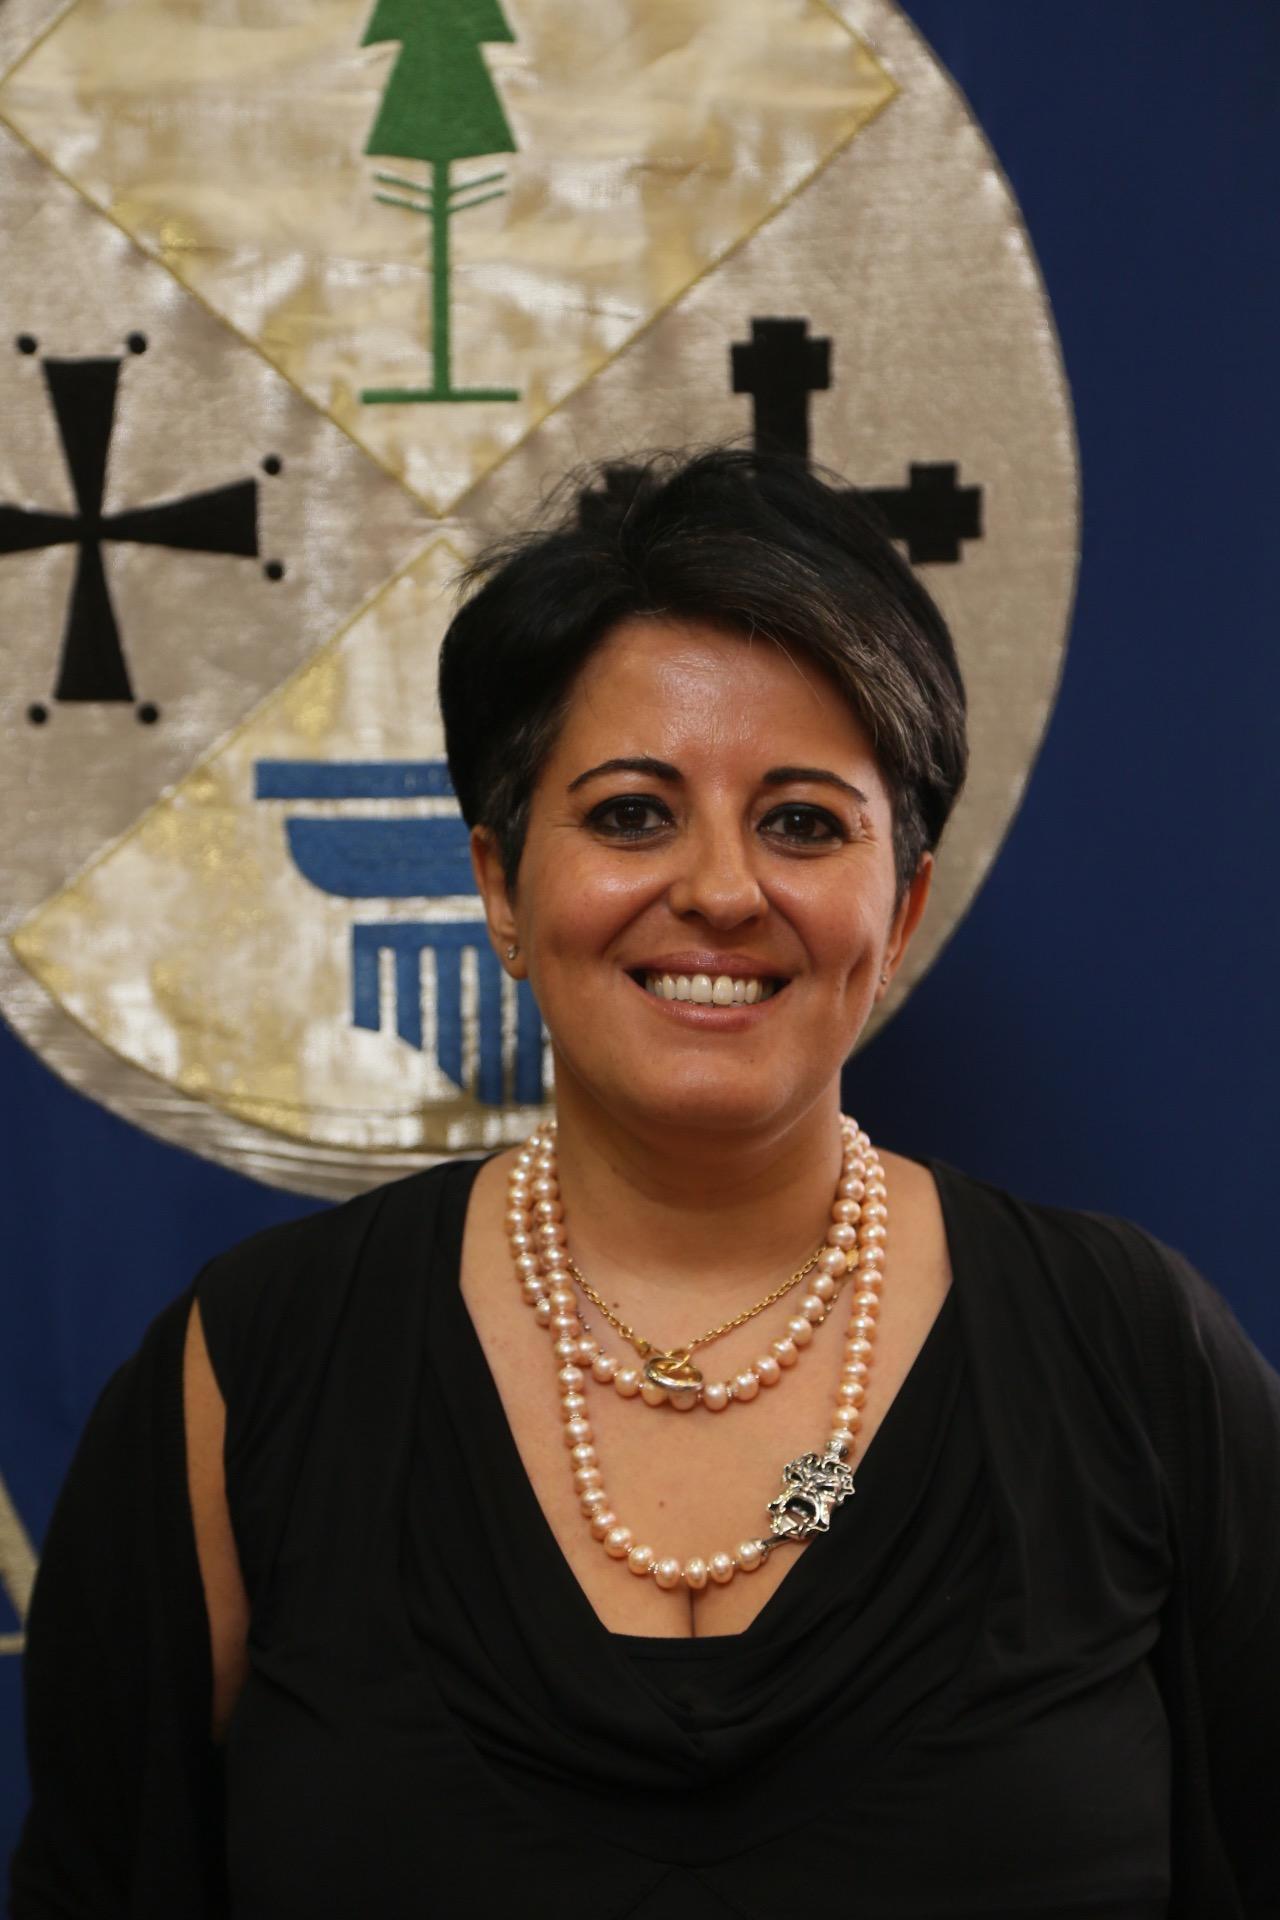 Carmela Barbalace - Assessore allo Sviluppo economico e promozione delle attività produttive Vibo Valentia